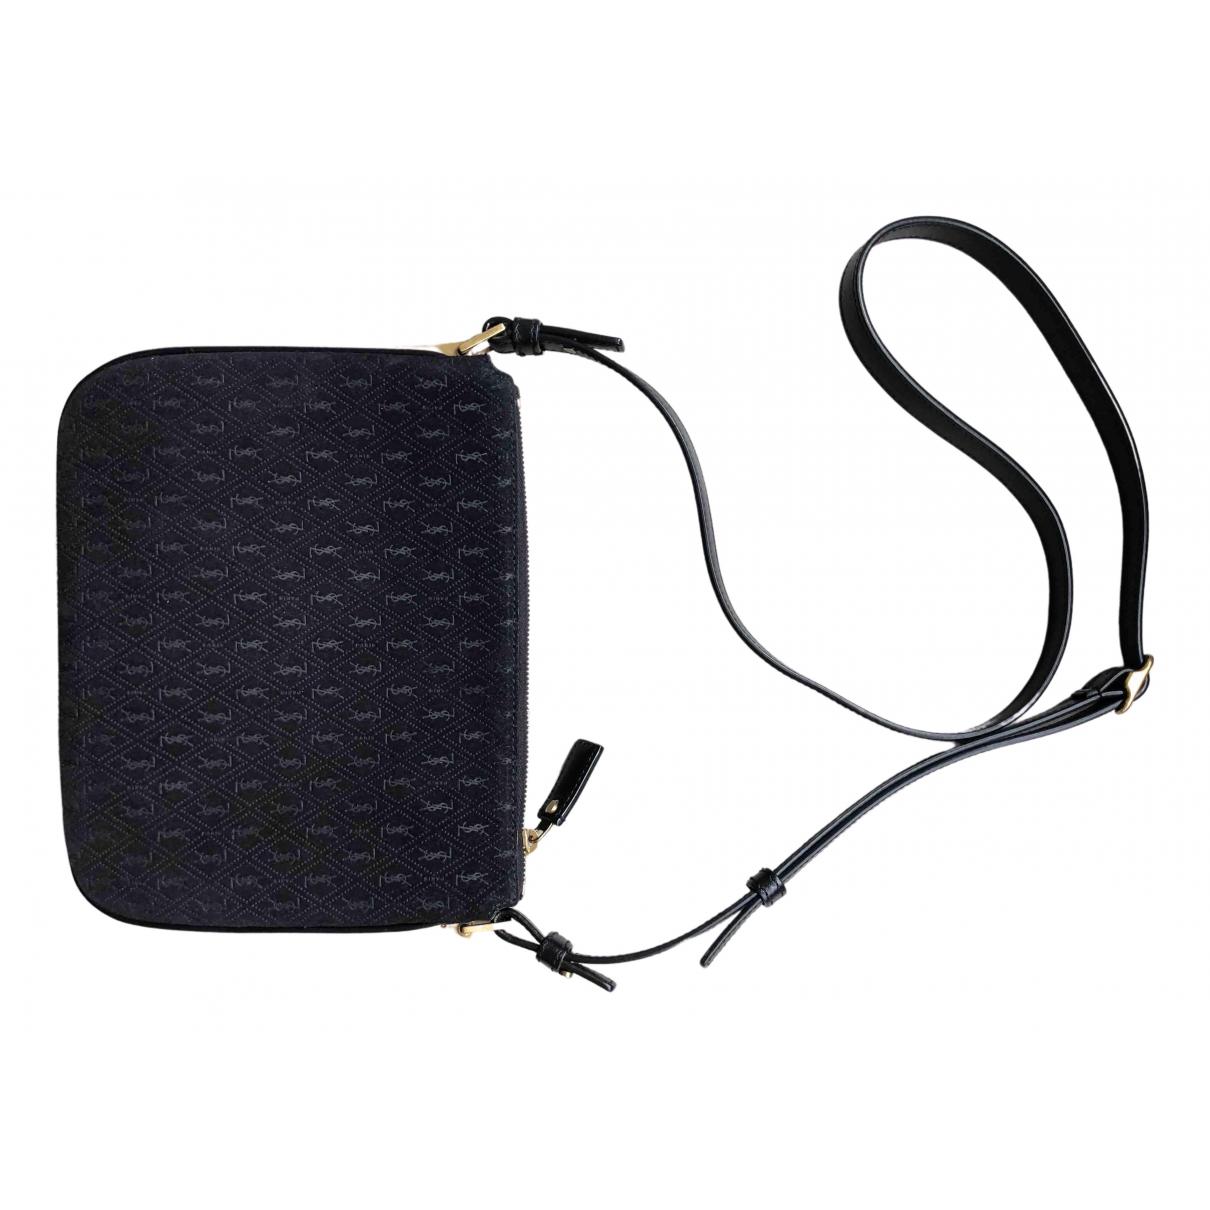 Saint Laurent N Black Suede handbag for Women N